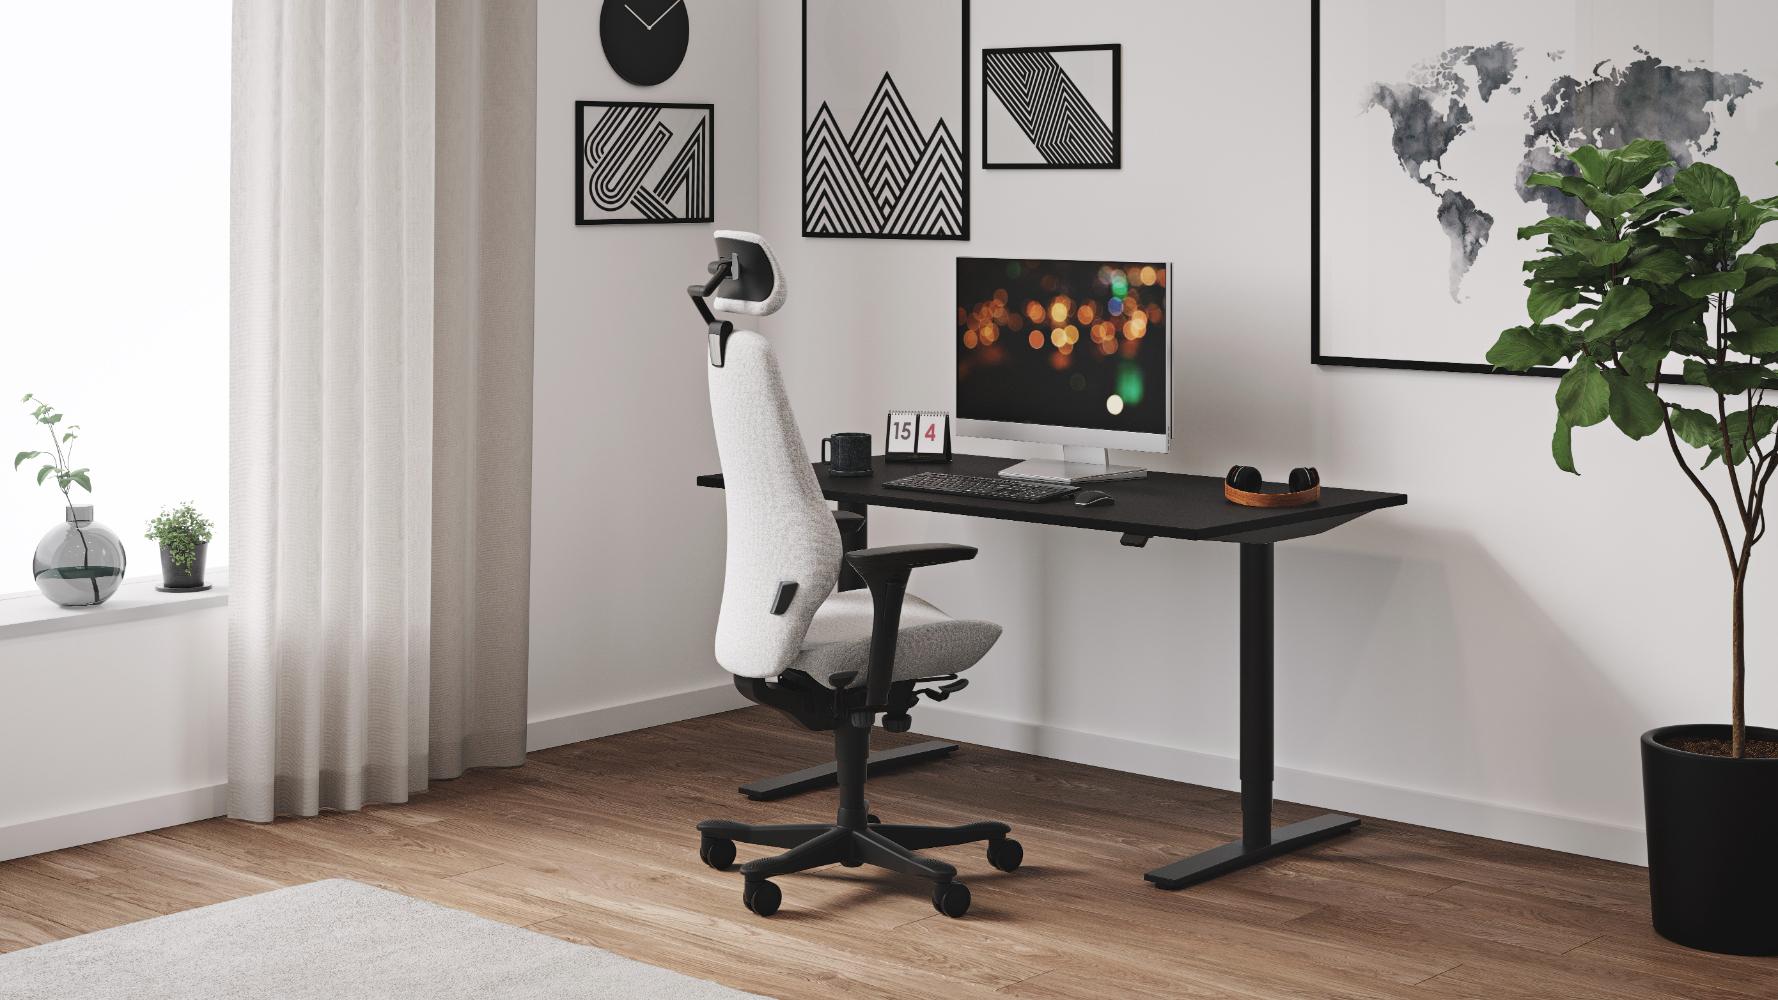 Unsere schwedischen Büromöbel sorgen dafür, dass Remote Working auch langfristig Erfolg hat. Abbildung: Kinnarps